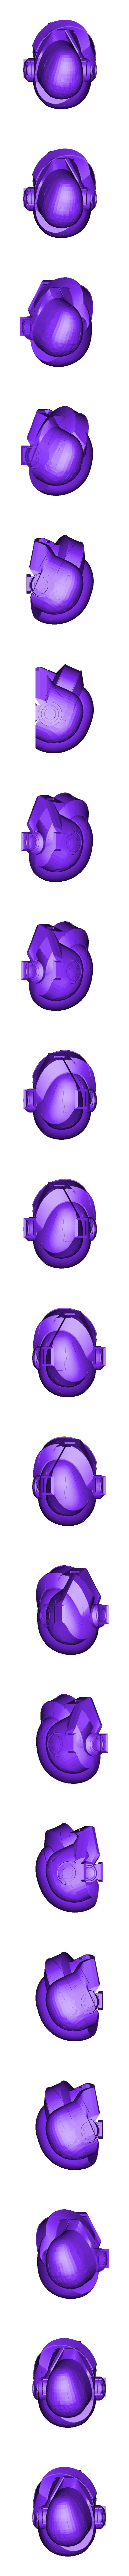 visorMaskAngledFlatWithSupport.stl Télécharger fichier STL gratuit Le casque Daft Punk de Thomas Bangalter • Design pour imprimante 3D, AlbertKhan3D